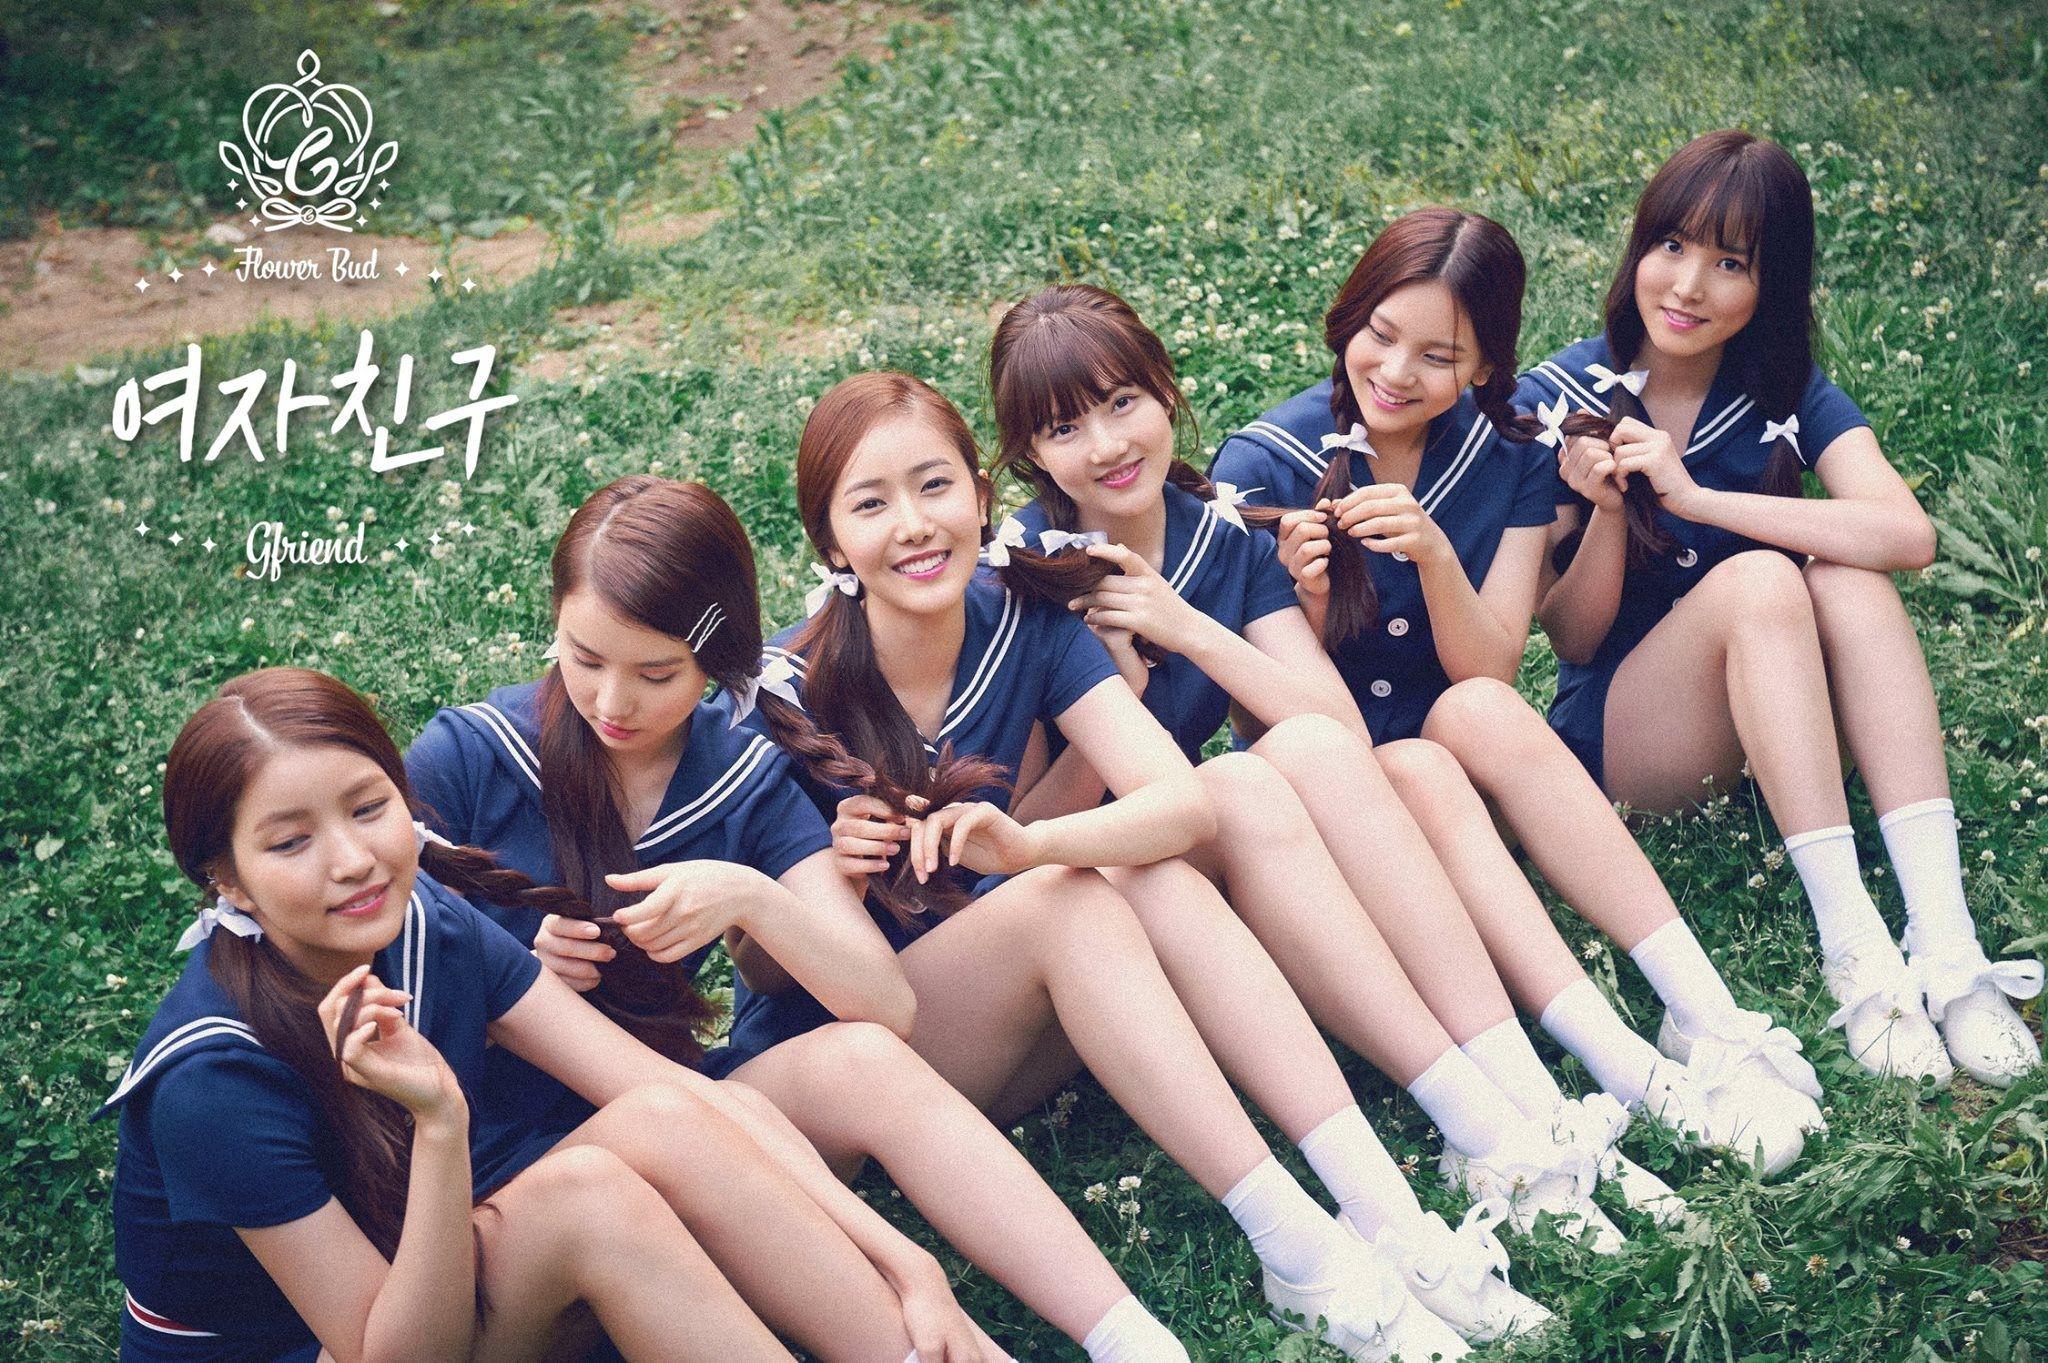 [FULL ALBUM] 여자친구 (G-Friend) - Flower Bud [2nd Mini Album]